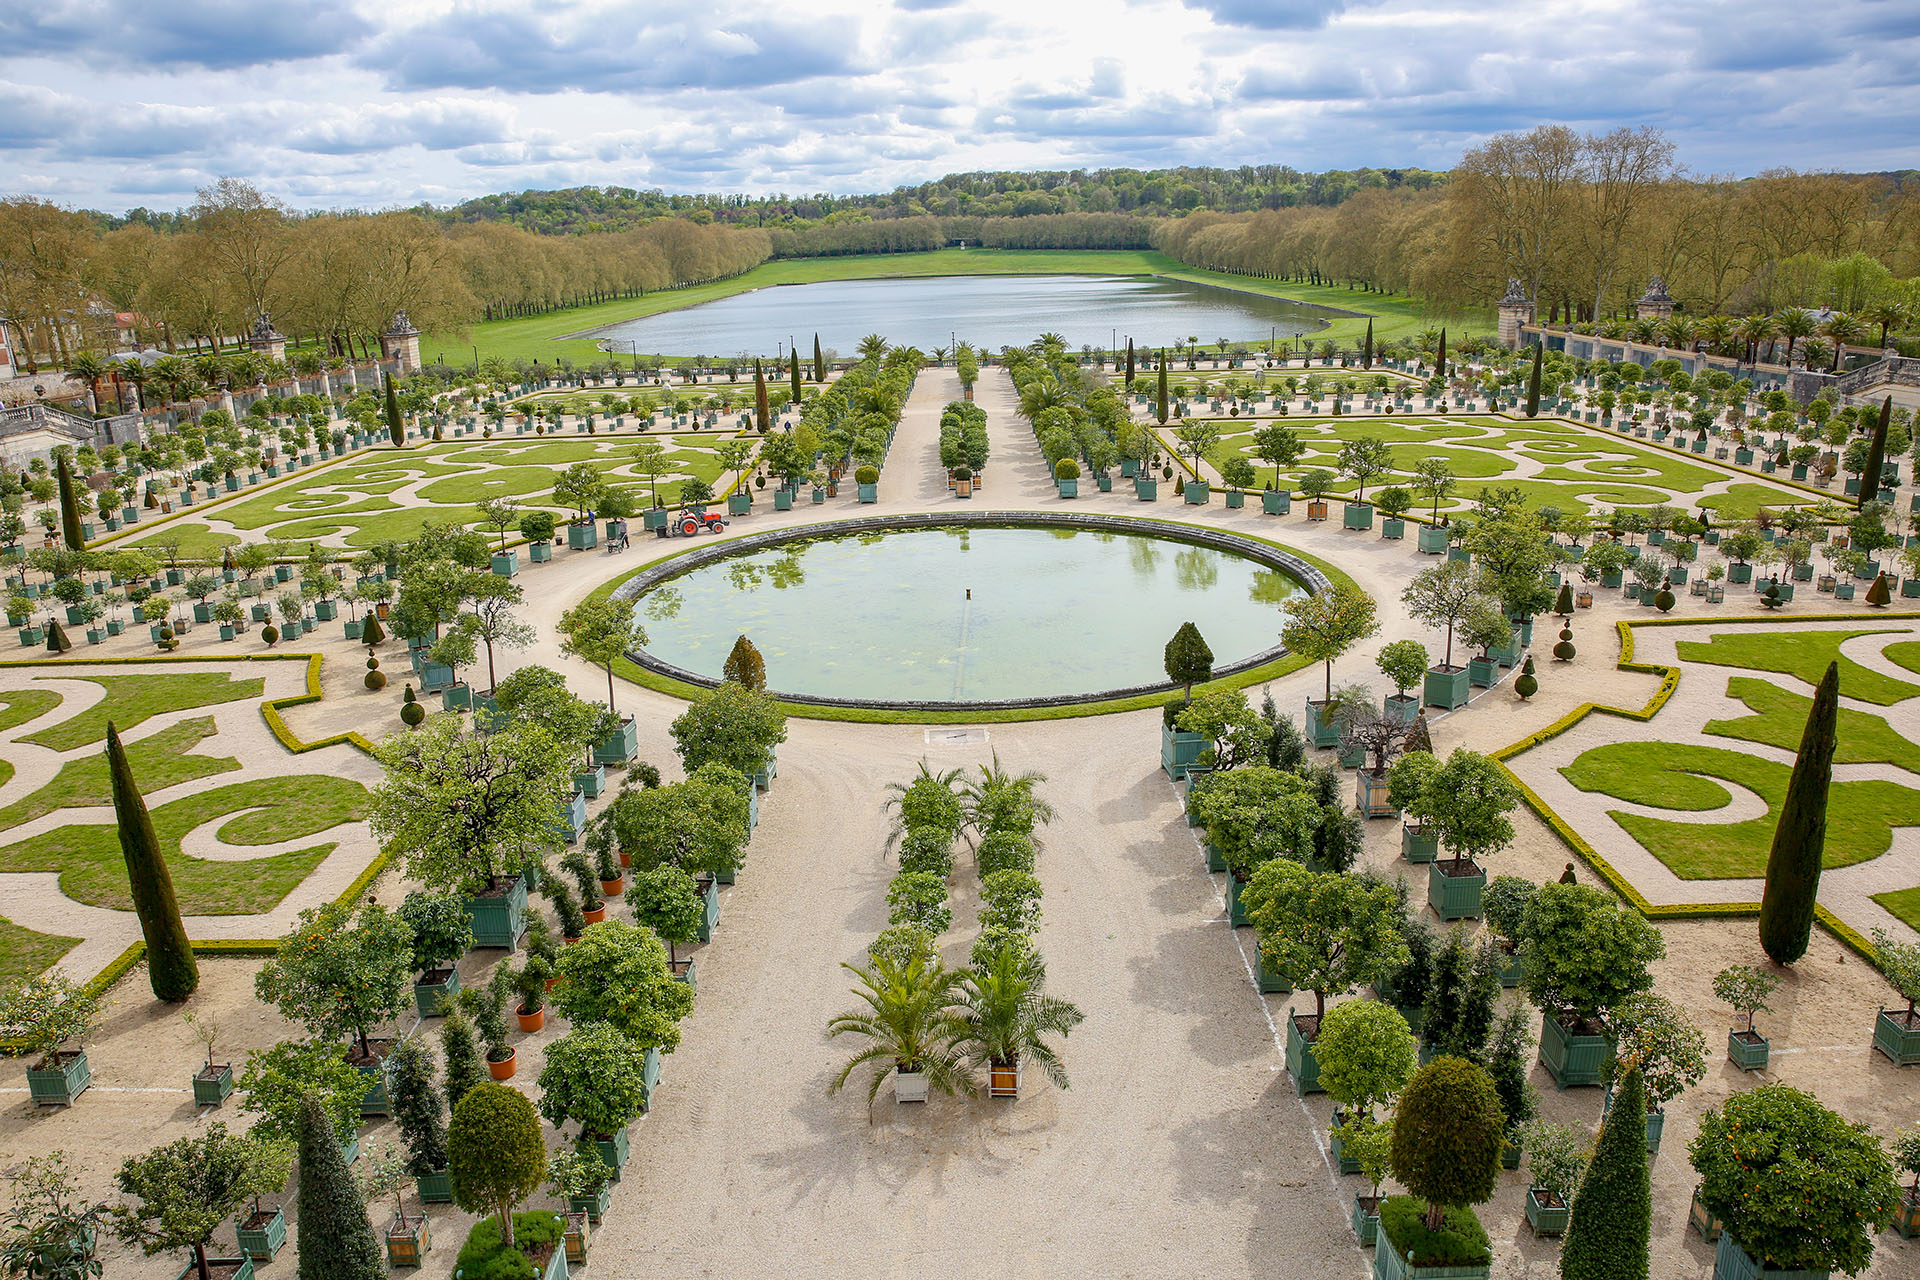 Los impresionantes Jardines de Versalles cuentan con una extensión de más de 800 hectáreas a lo largo de las cuales se extienden plantas y todo tipo de árboles, además de gran cantidad de estatuas de mármol, estanques y fuentes